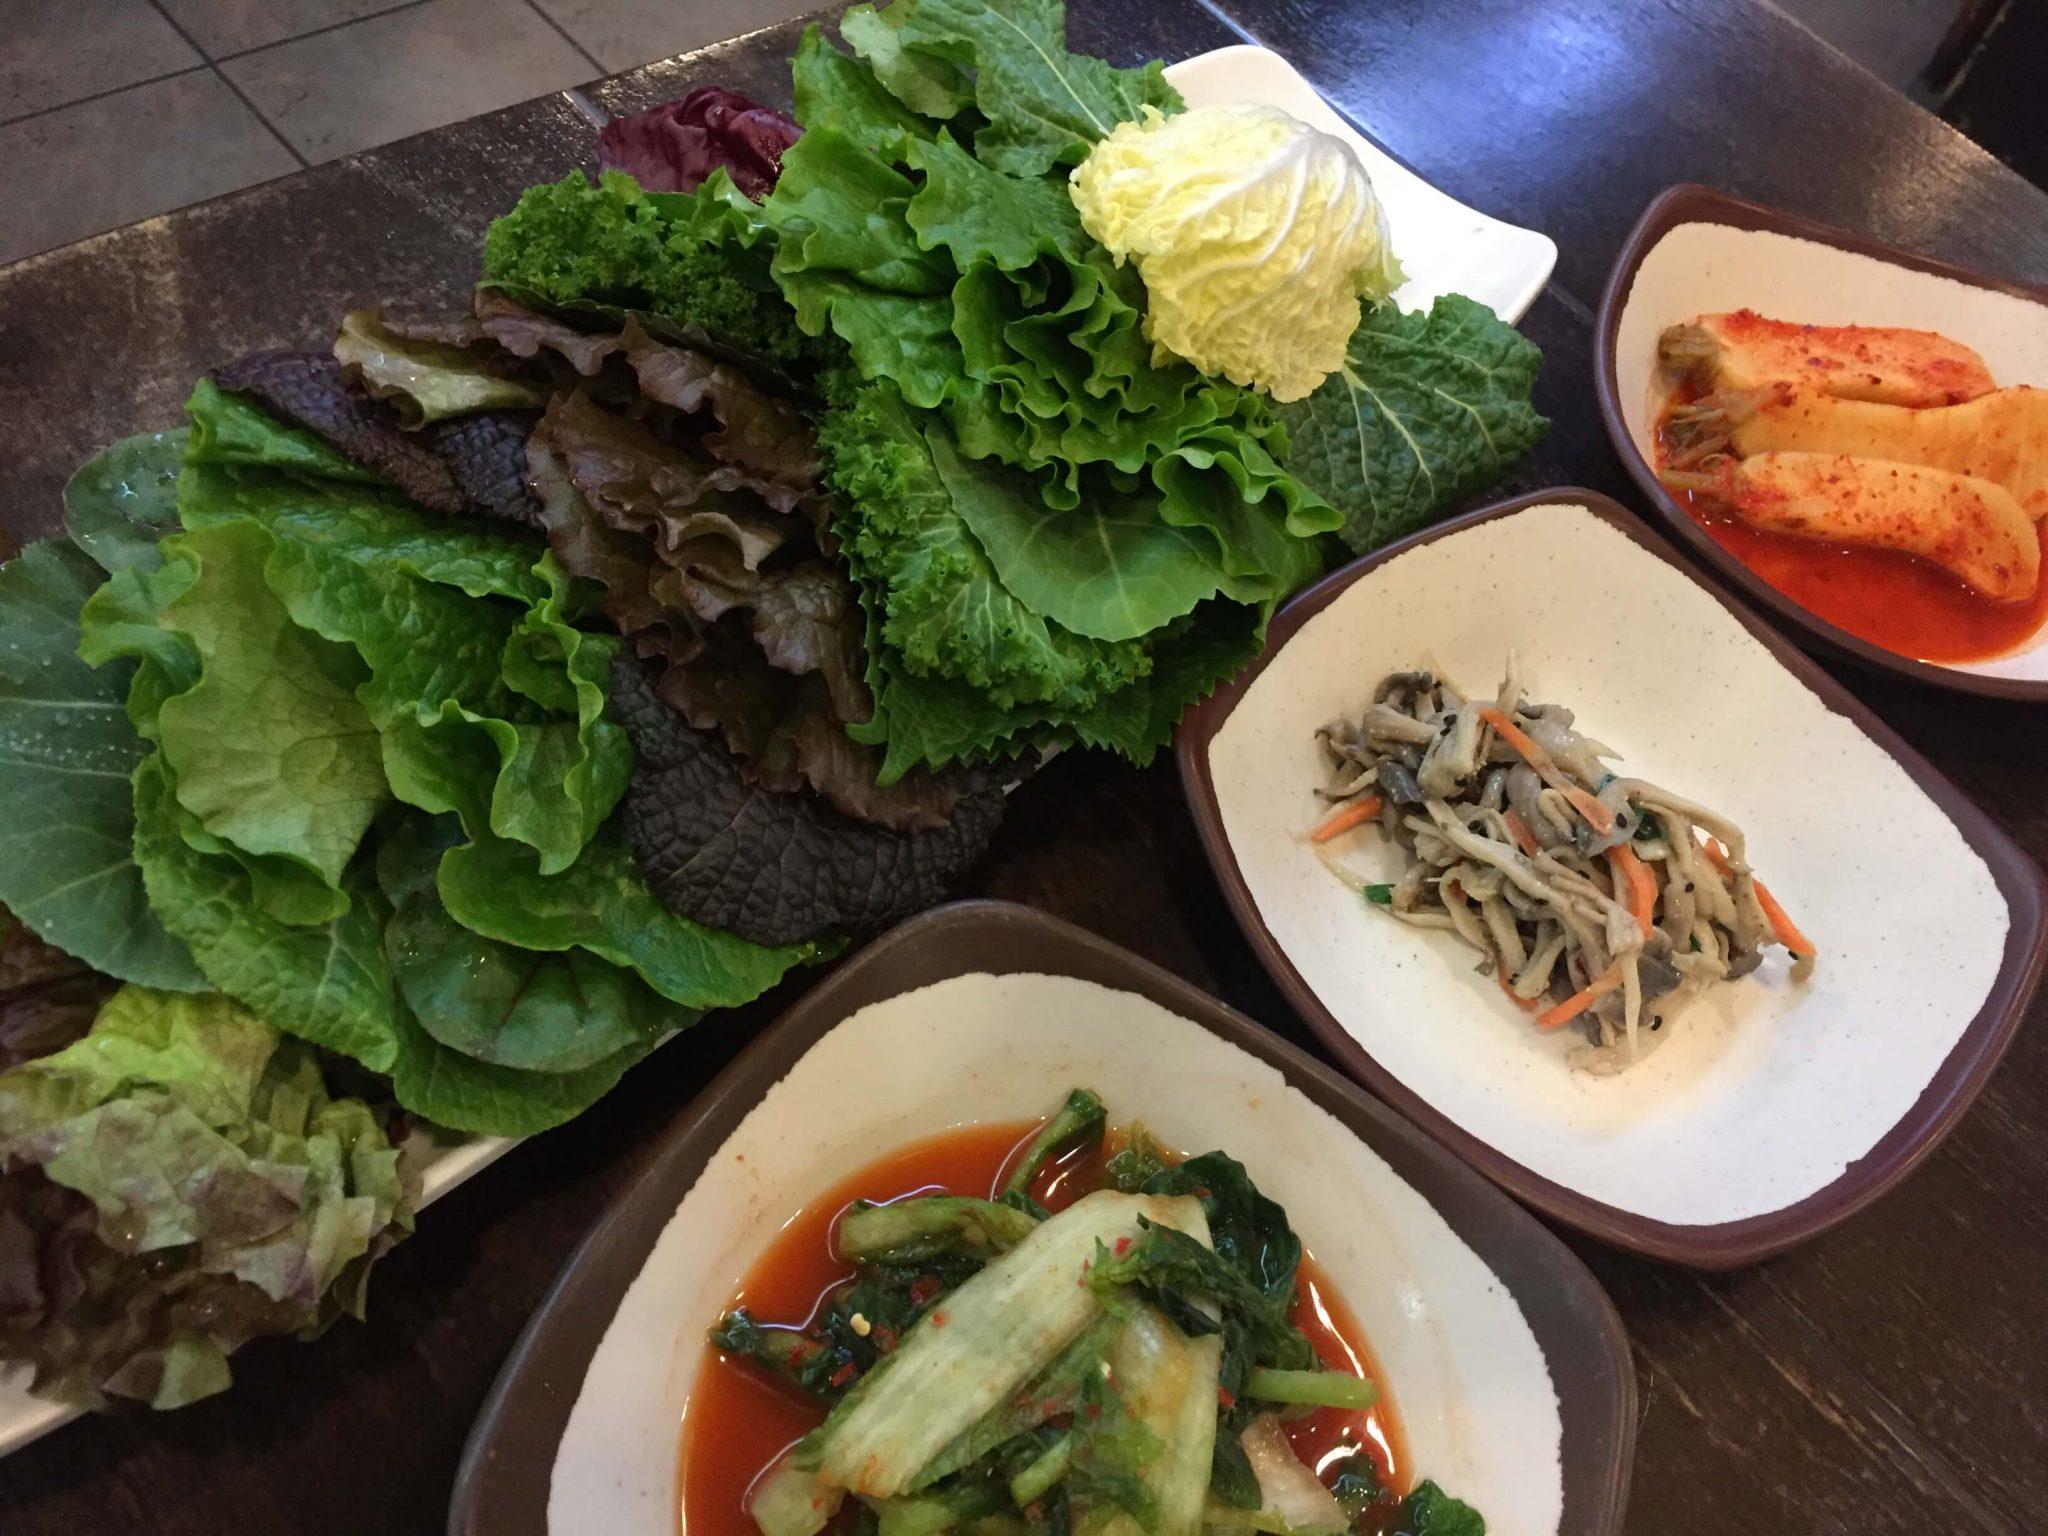 【韓国グルメ】富川・麦飯ッサムパブとサムギョプサルのお店に行ってきた。